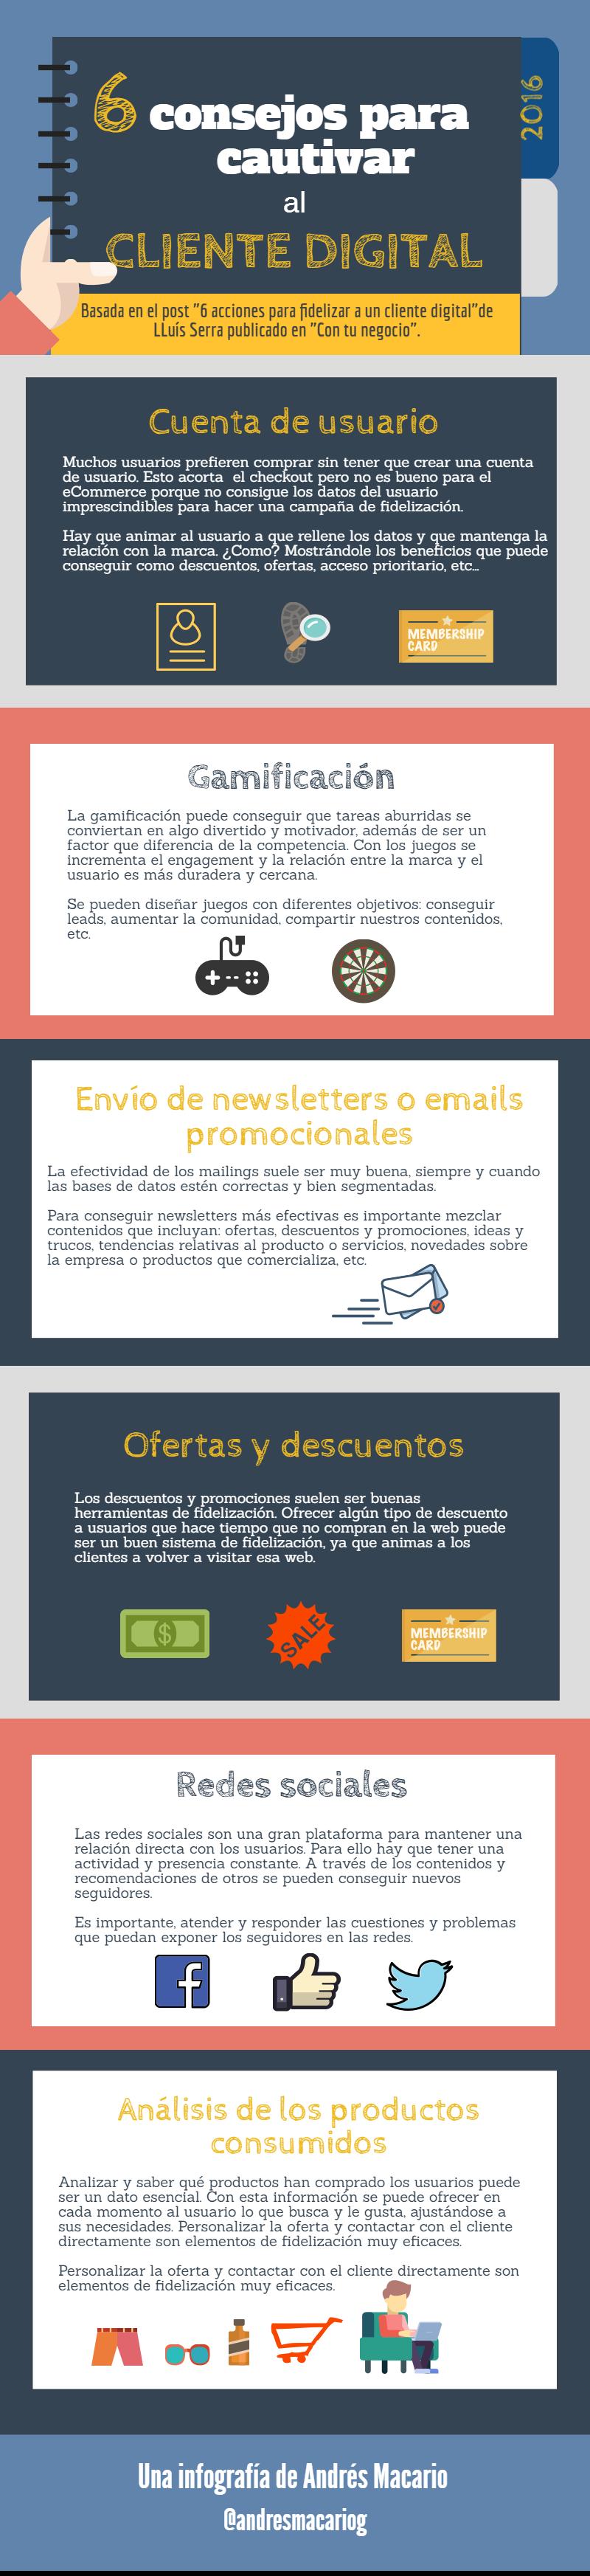 6 consejos para cautivar al cliente digital-infografia Andres Macario